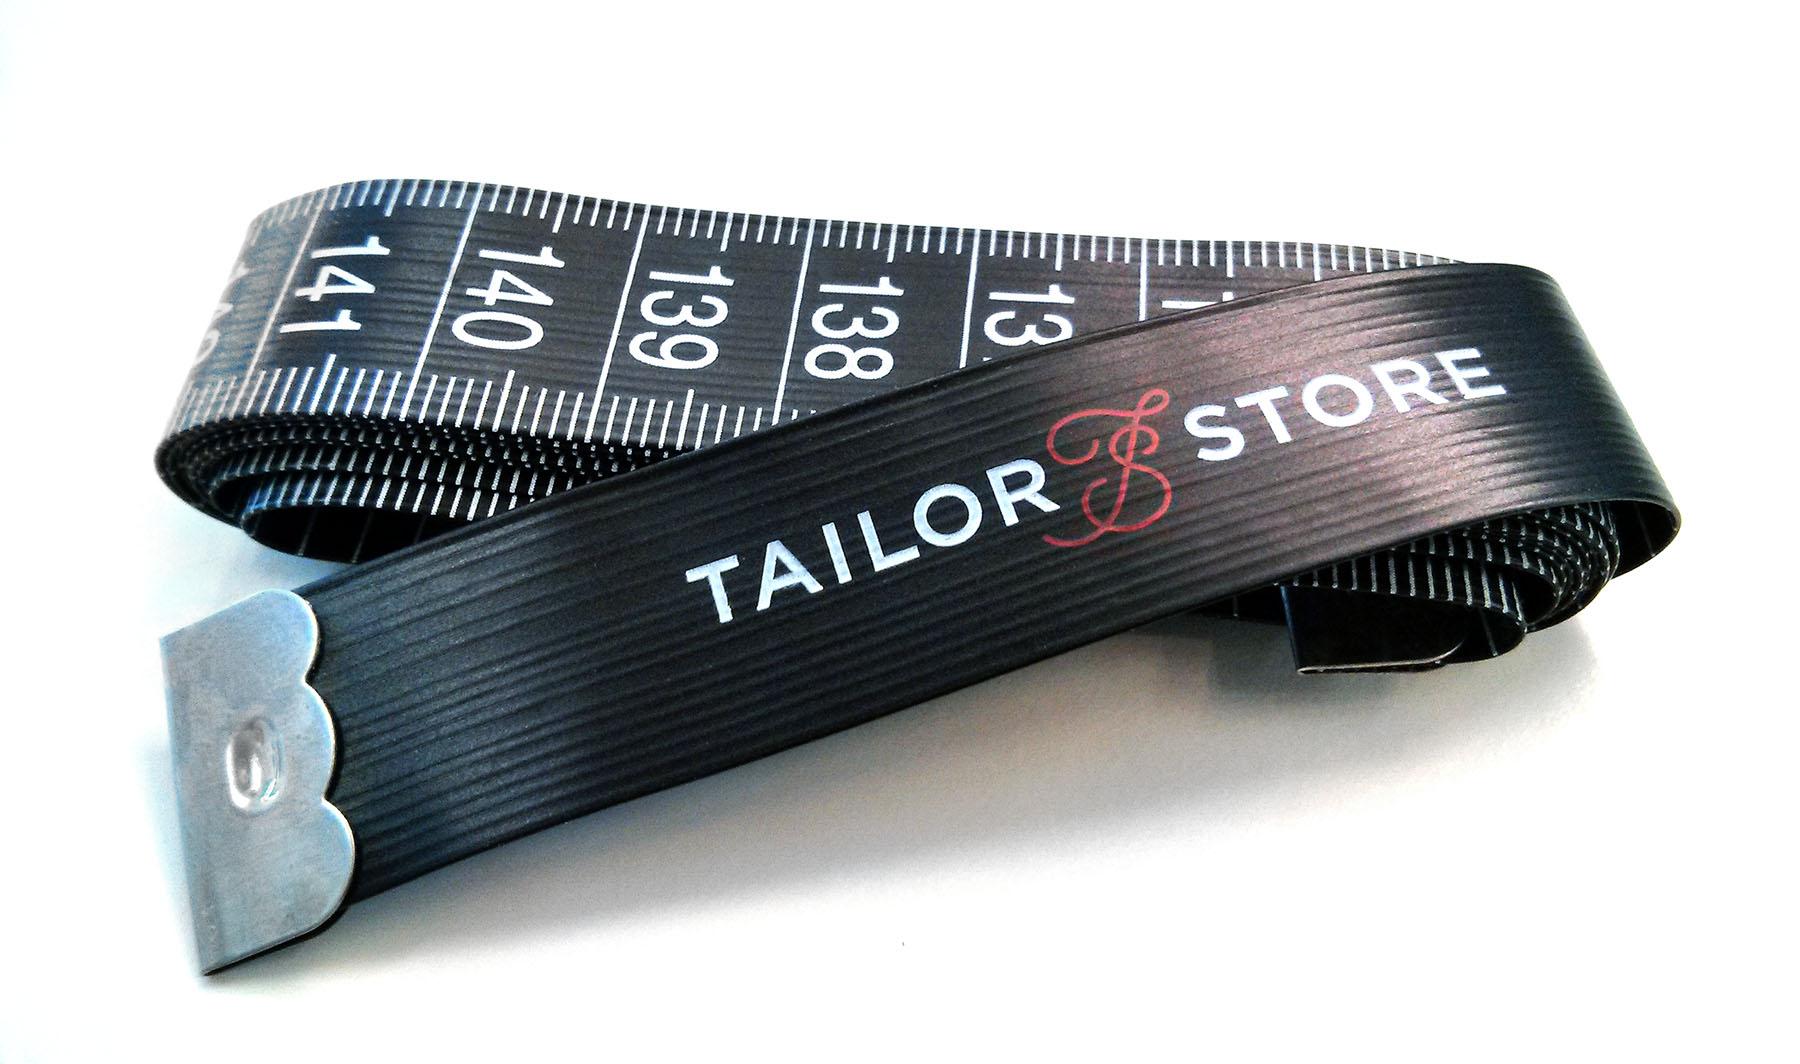 Tailor Store ersätter måttbanden med artificiell intelligens